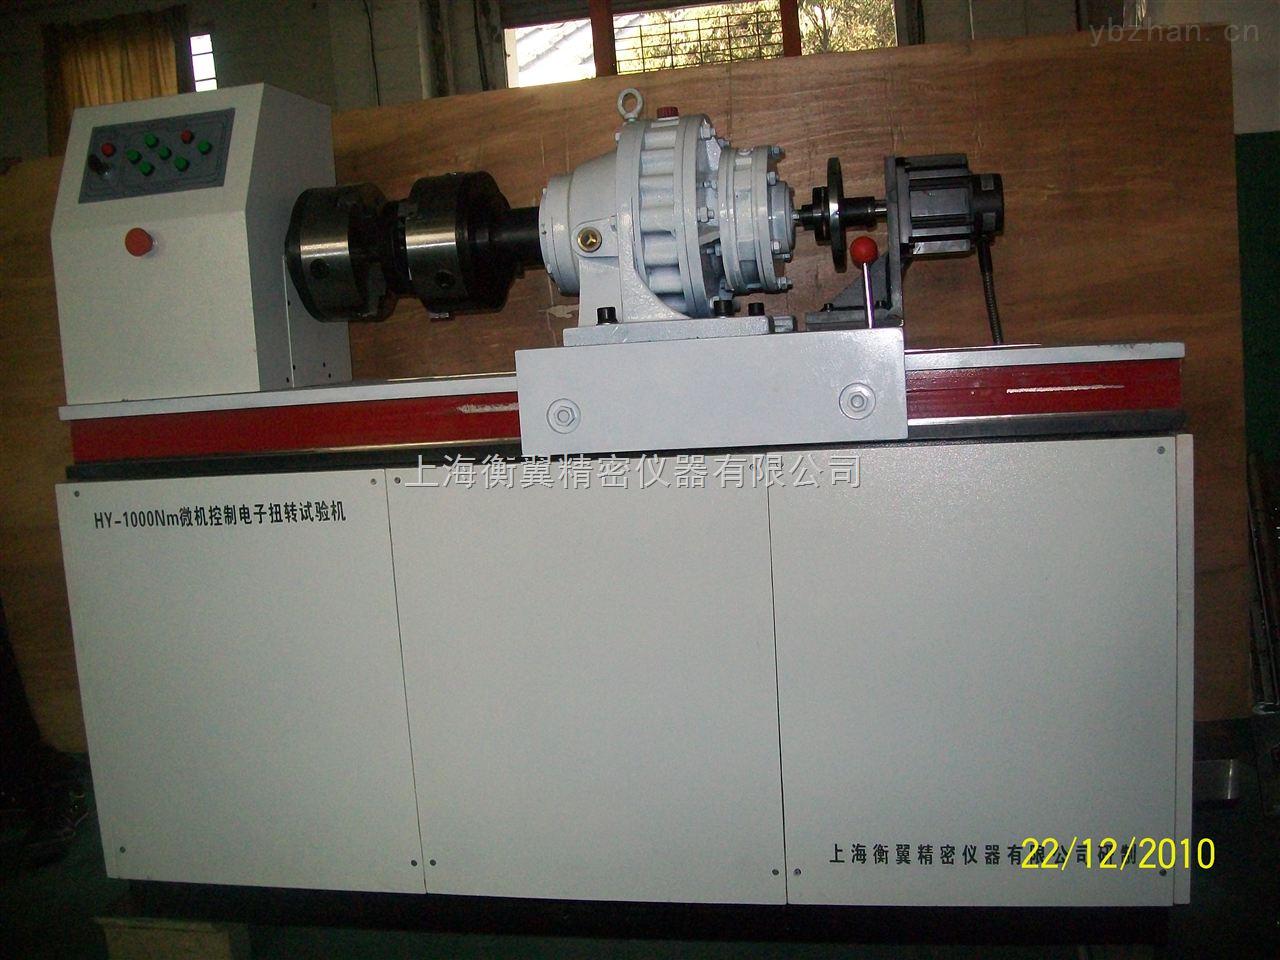 HY-1000NM-金属扭转试验机